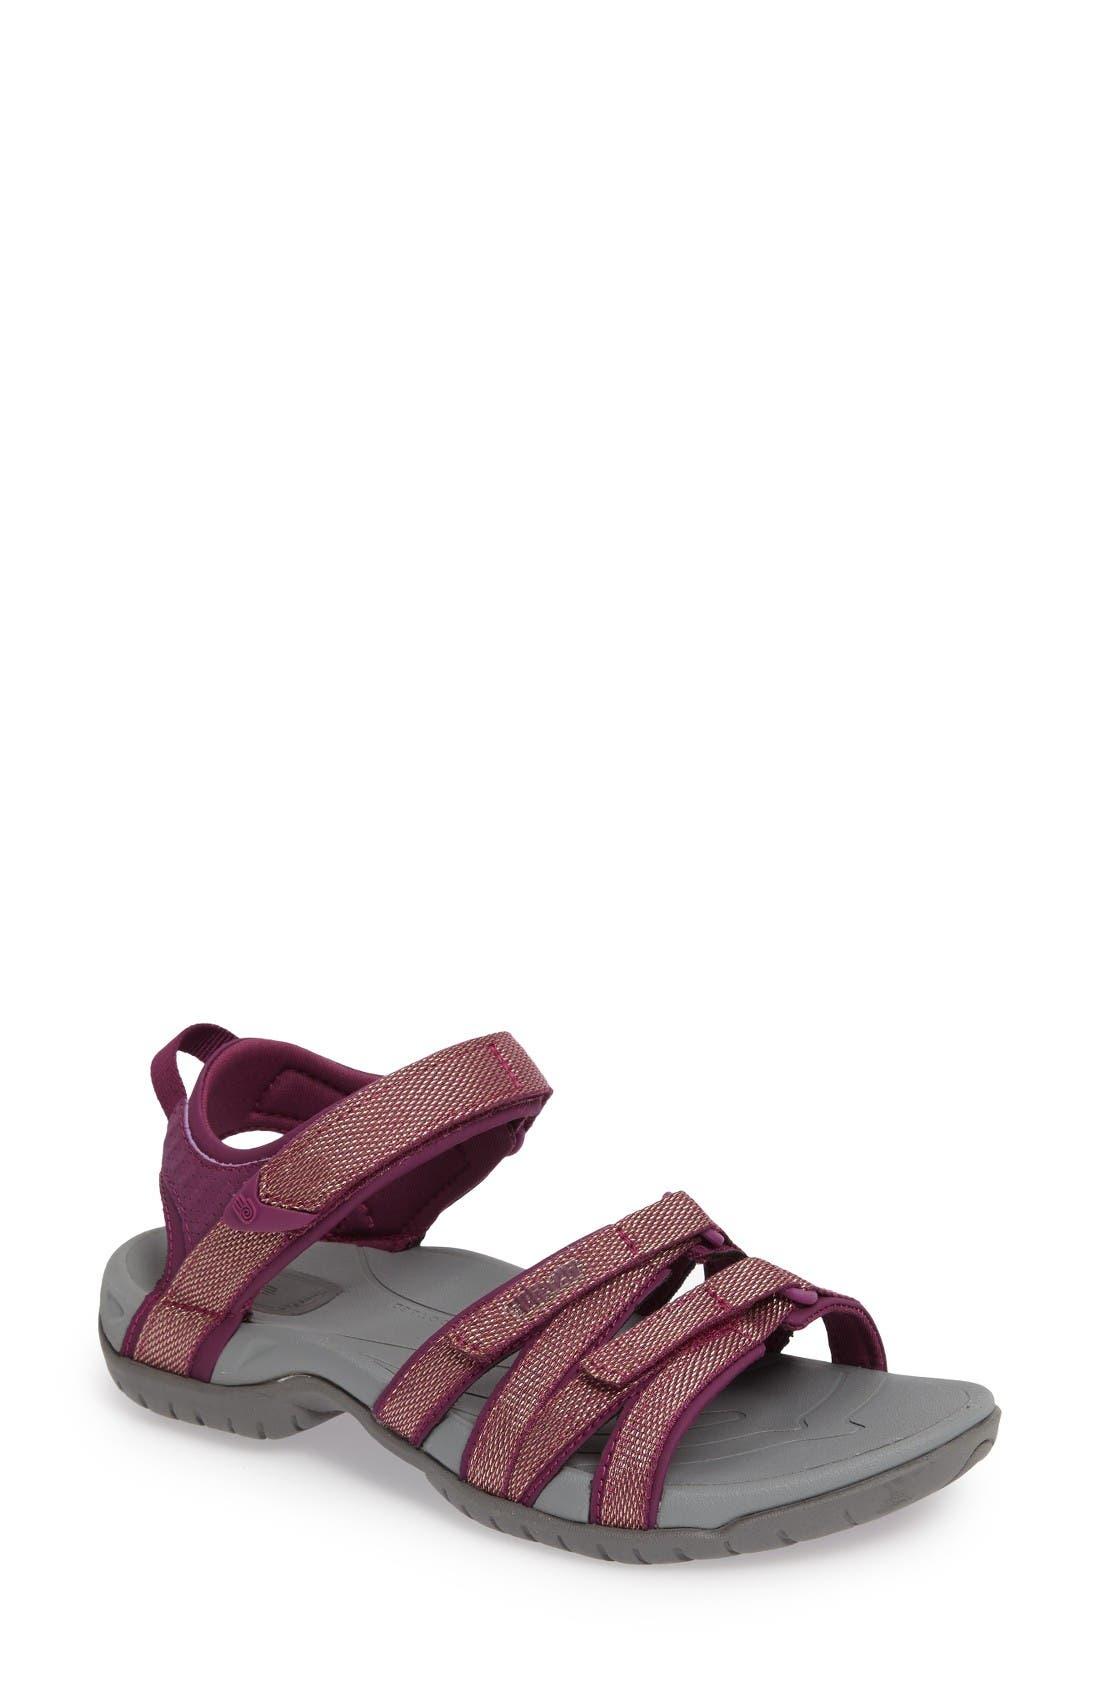 Alternate Image 1 Selected - Teva 'Tirra' Sandal (Women)